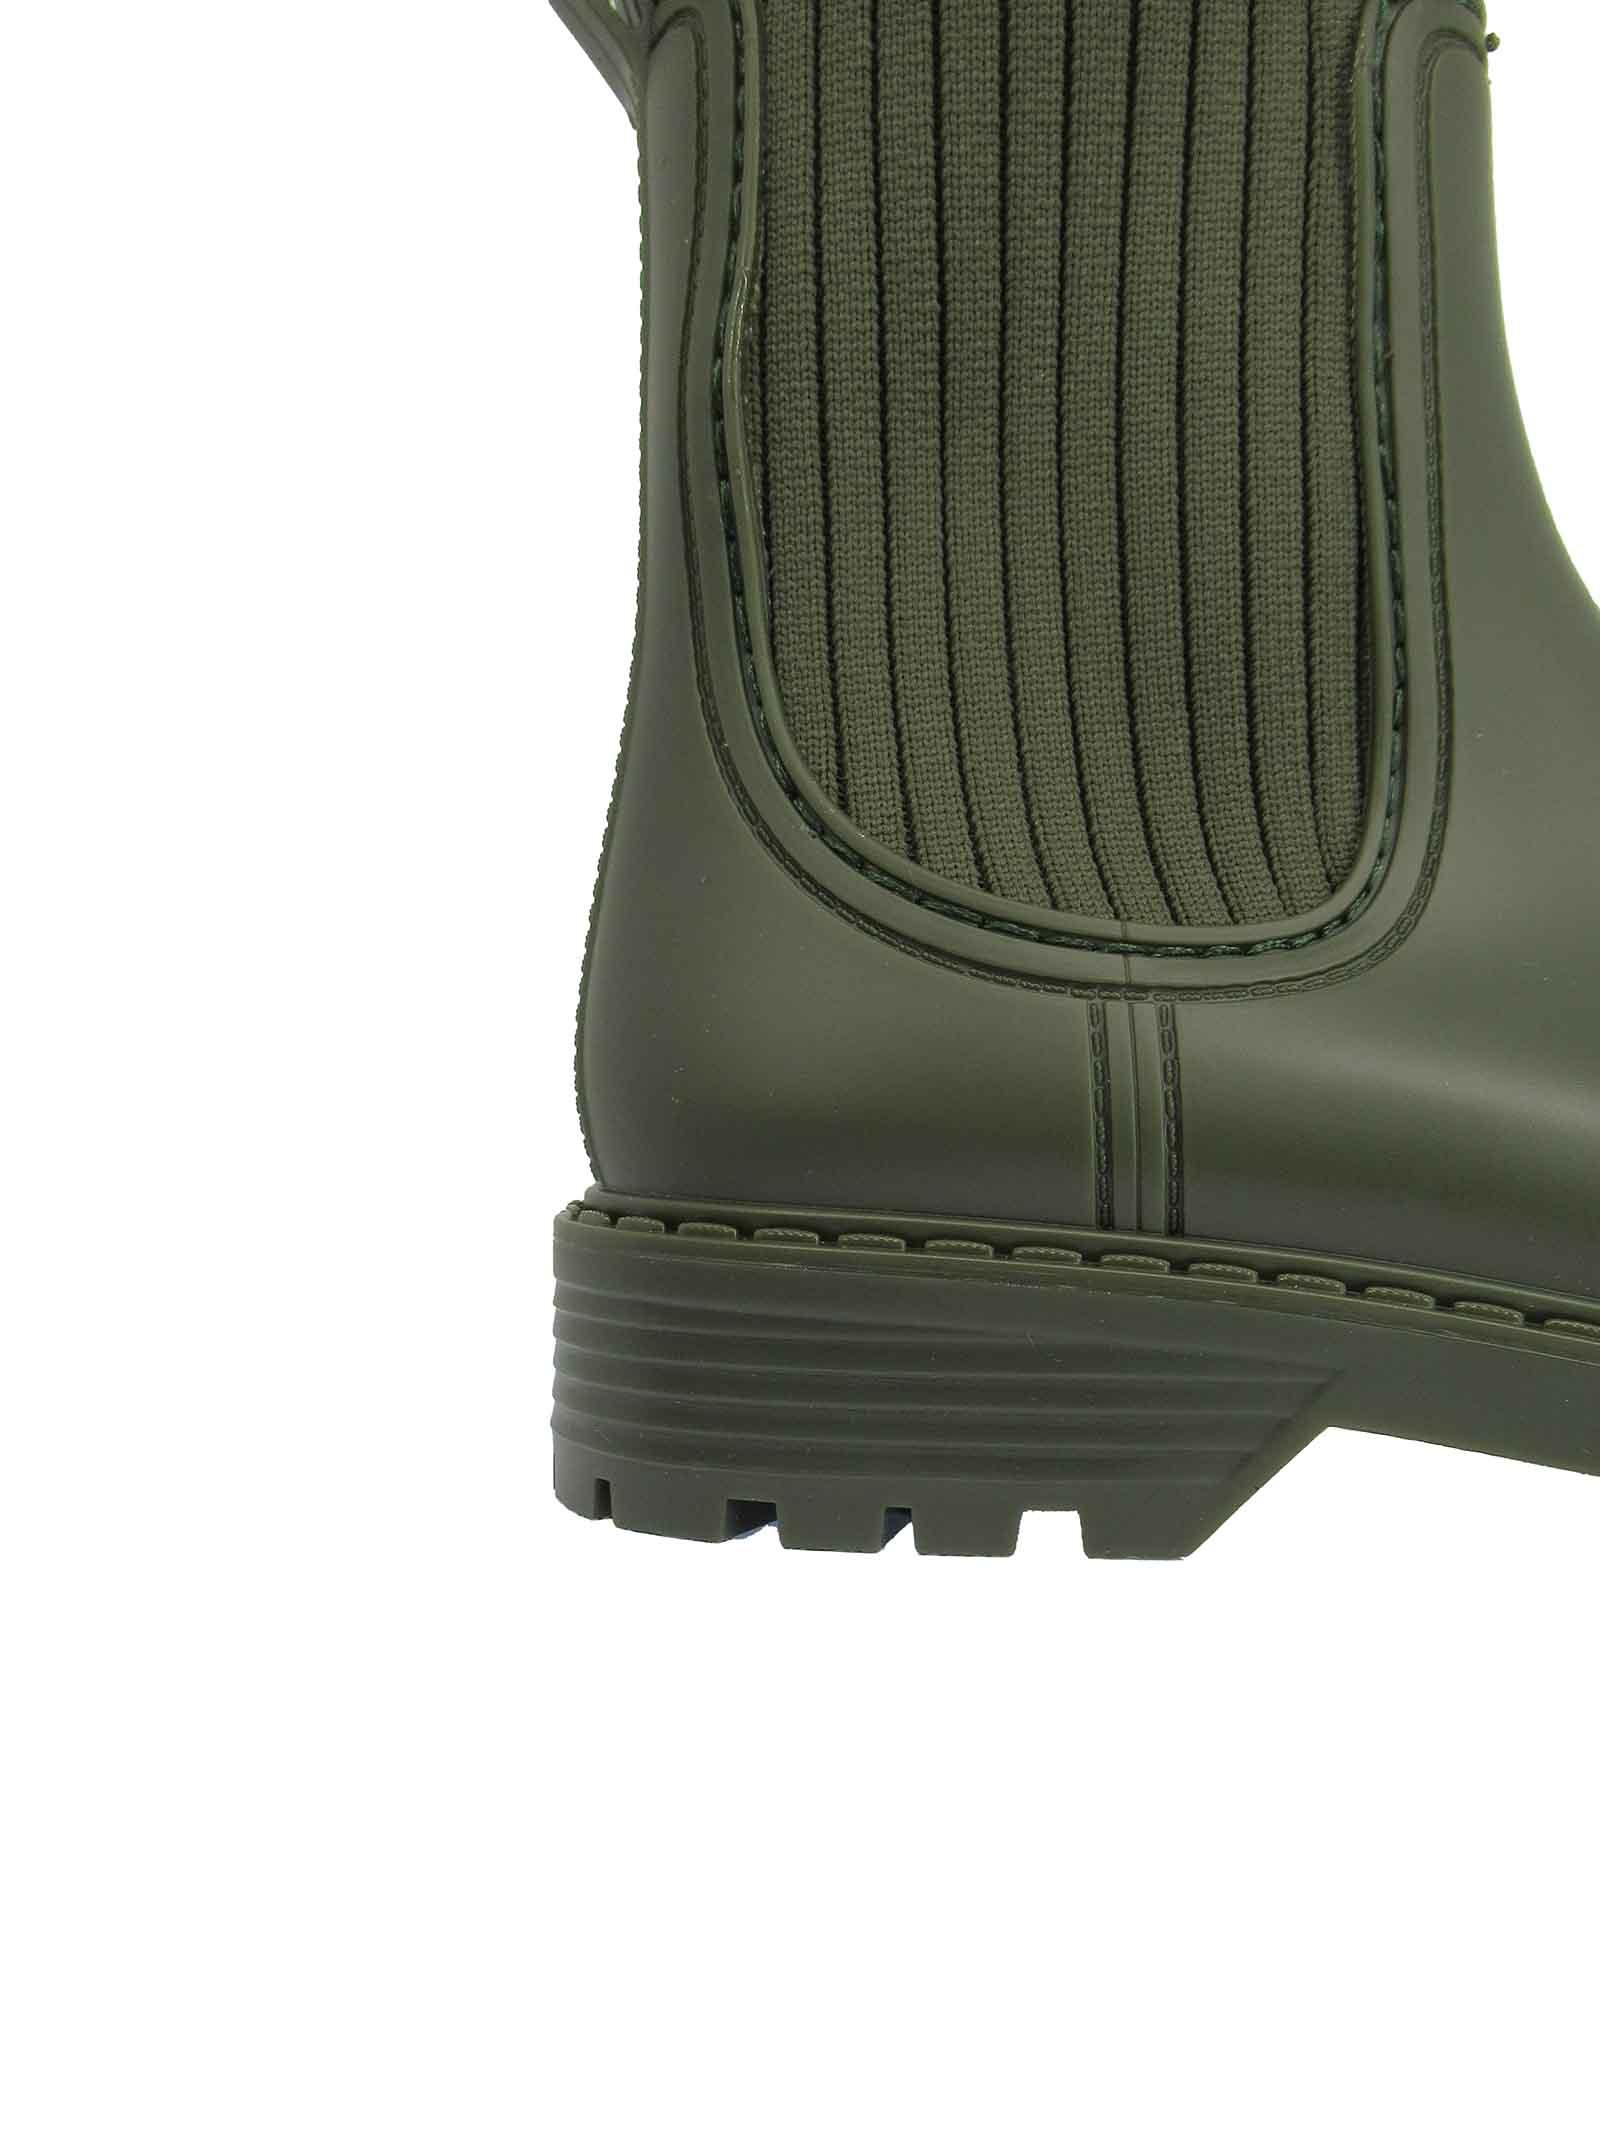 Calzature Donna Stivaletti Antipioggia in Pvc Verde con Tessuto Elasticizzato in Tinta Unisa | Stivaletti | AYNAR005